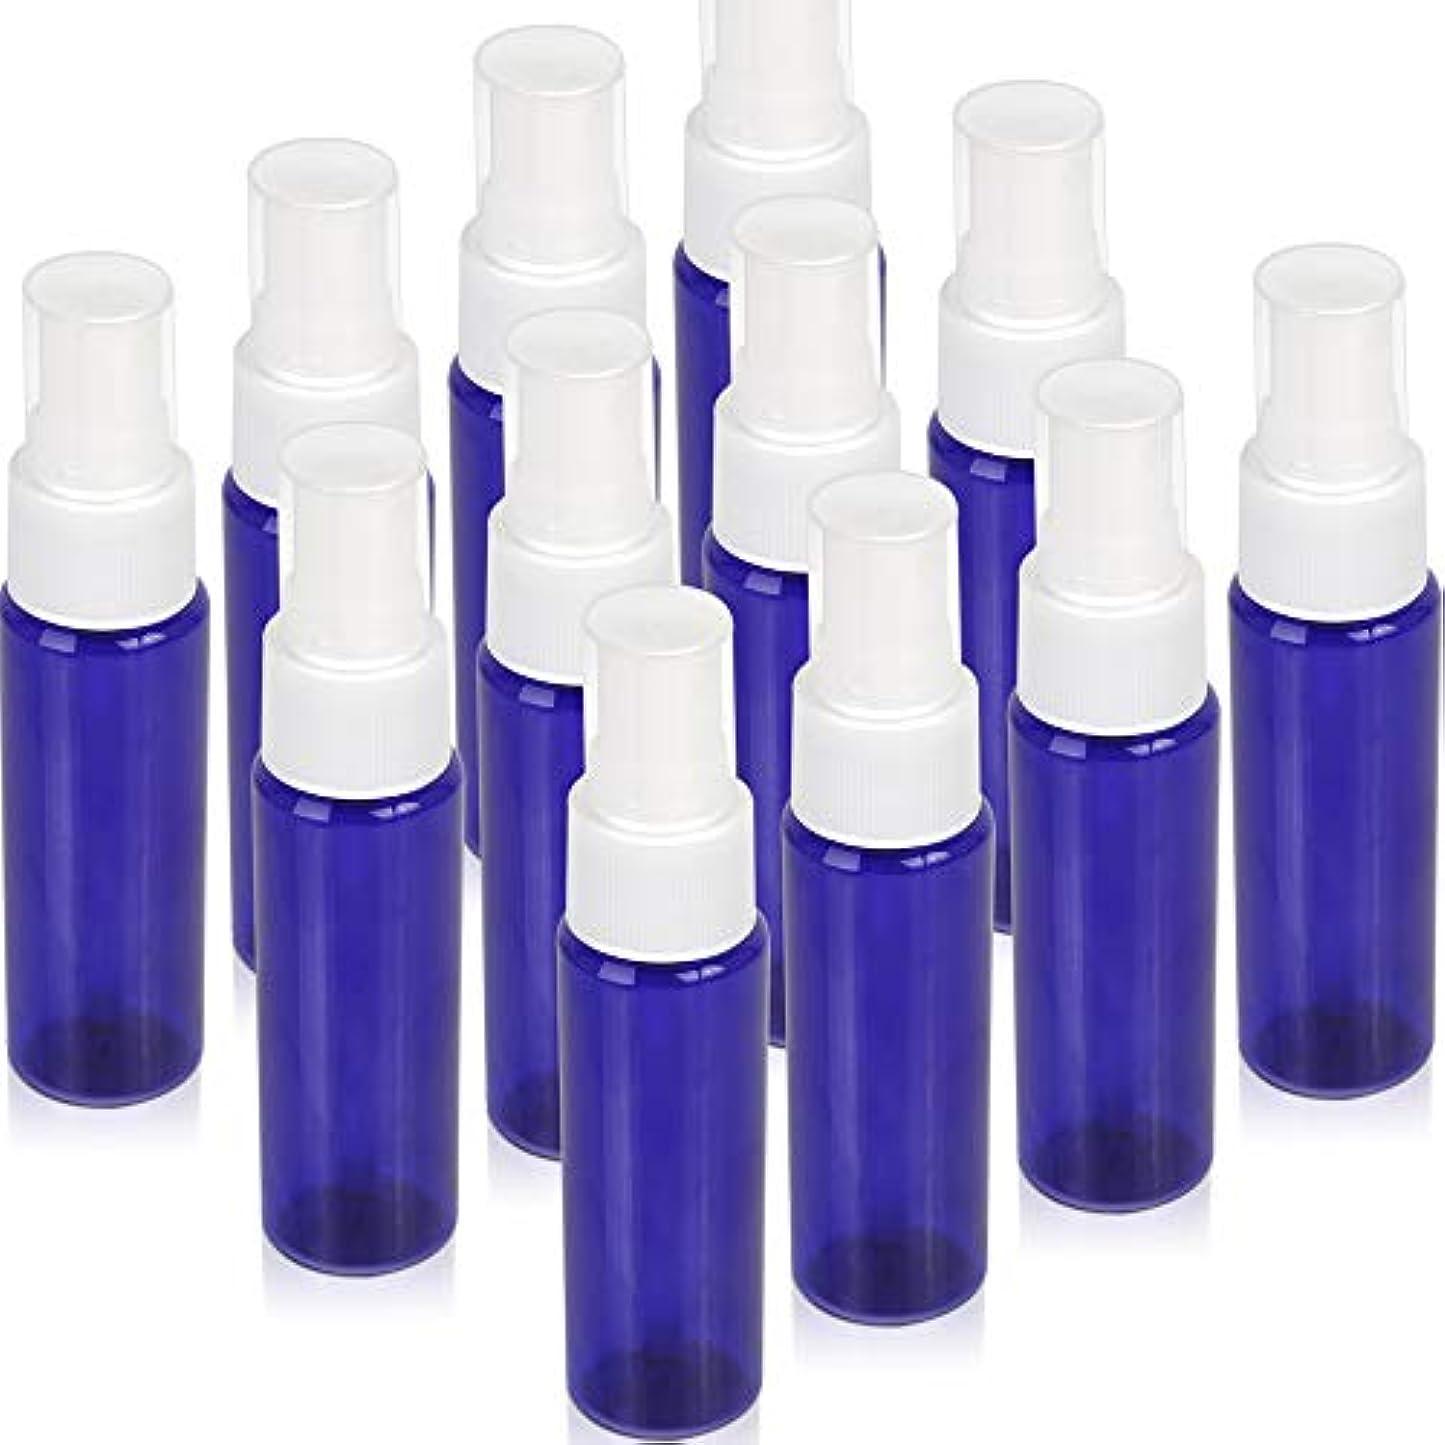 主導権バケツオデュッセウスTeenitor スプレーボトル 30ml 12本 霧吹き アトマイザー スプレー容器 アロマスプレー 香水スプレー 詰め替え容器 キャップ付 青色 PET製